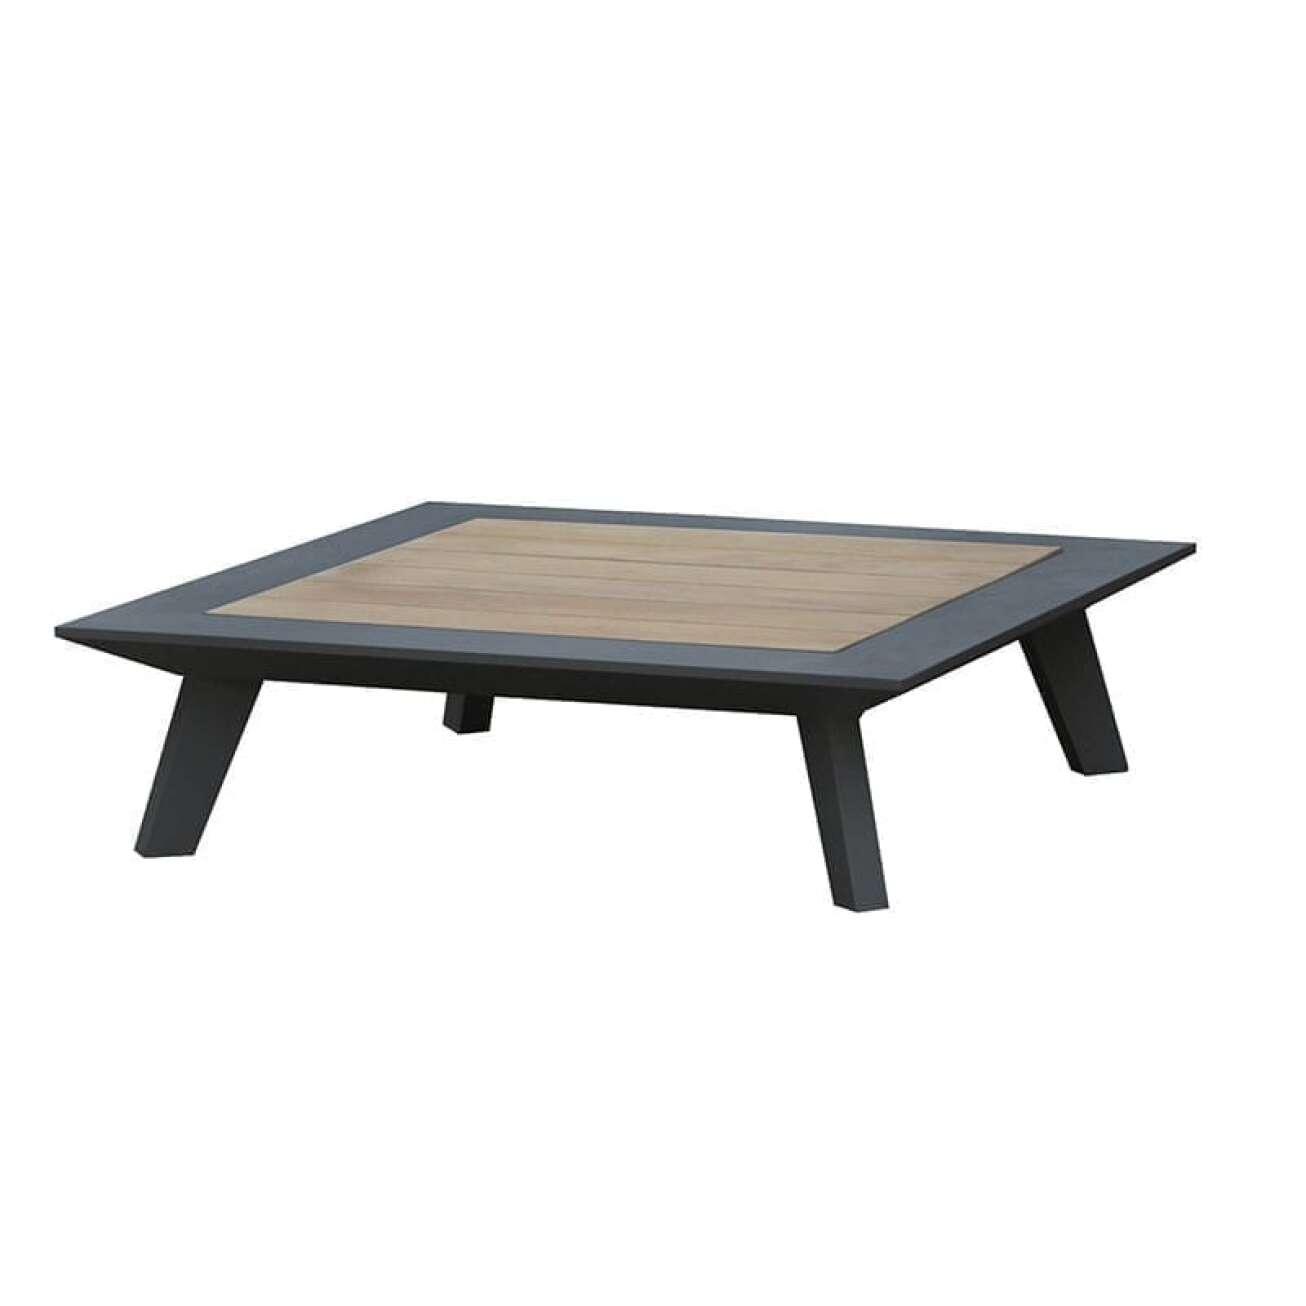 Gardenart Sofabord Kvadatisk (100680sort) Hagemøbler og utemøbler - Fine design